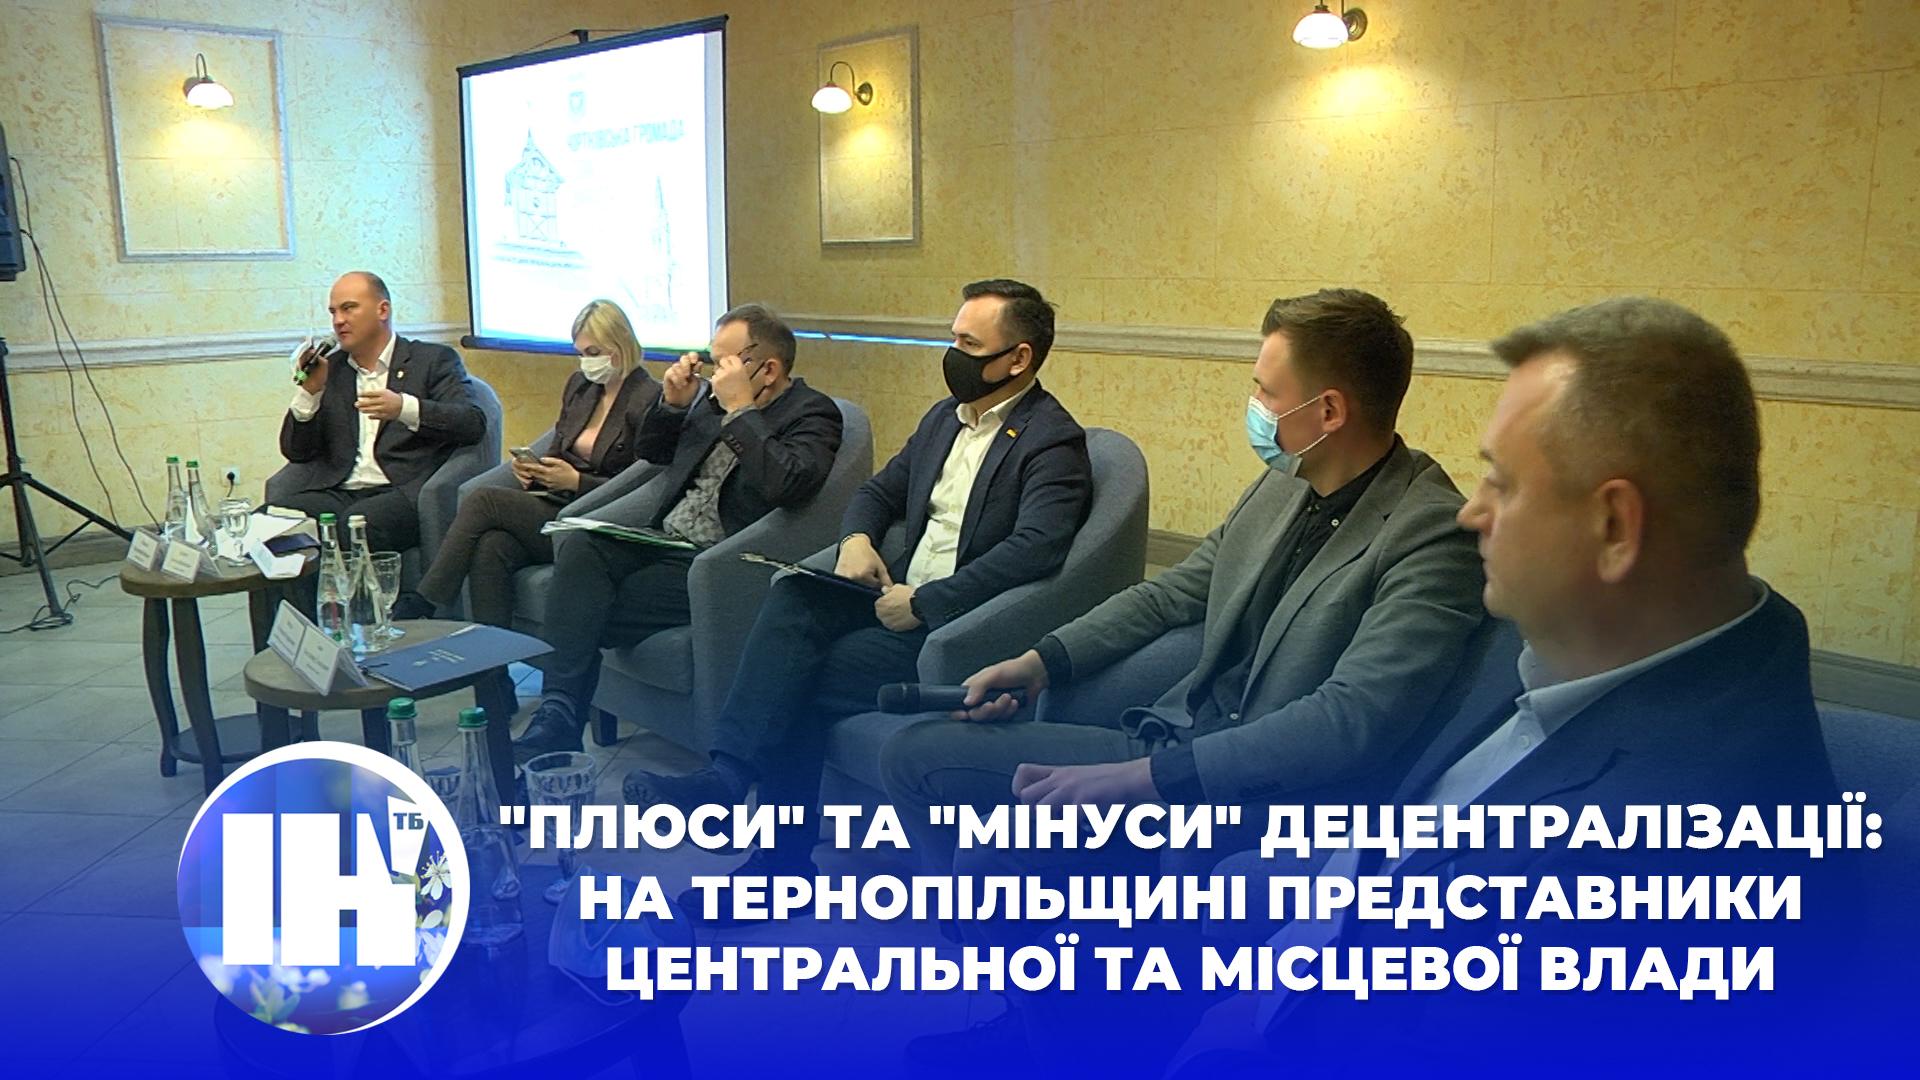 """""""Плюси"""" та """"мінуси"""" децентралізації: на Тернопільщині представники центральної та місцевої влади шукали шляхи розвитку області"""